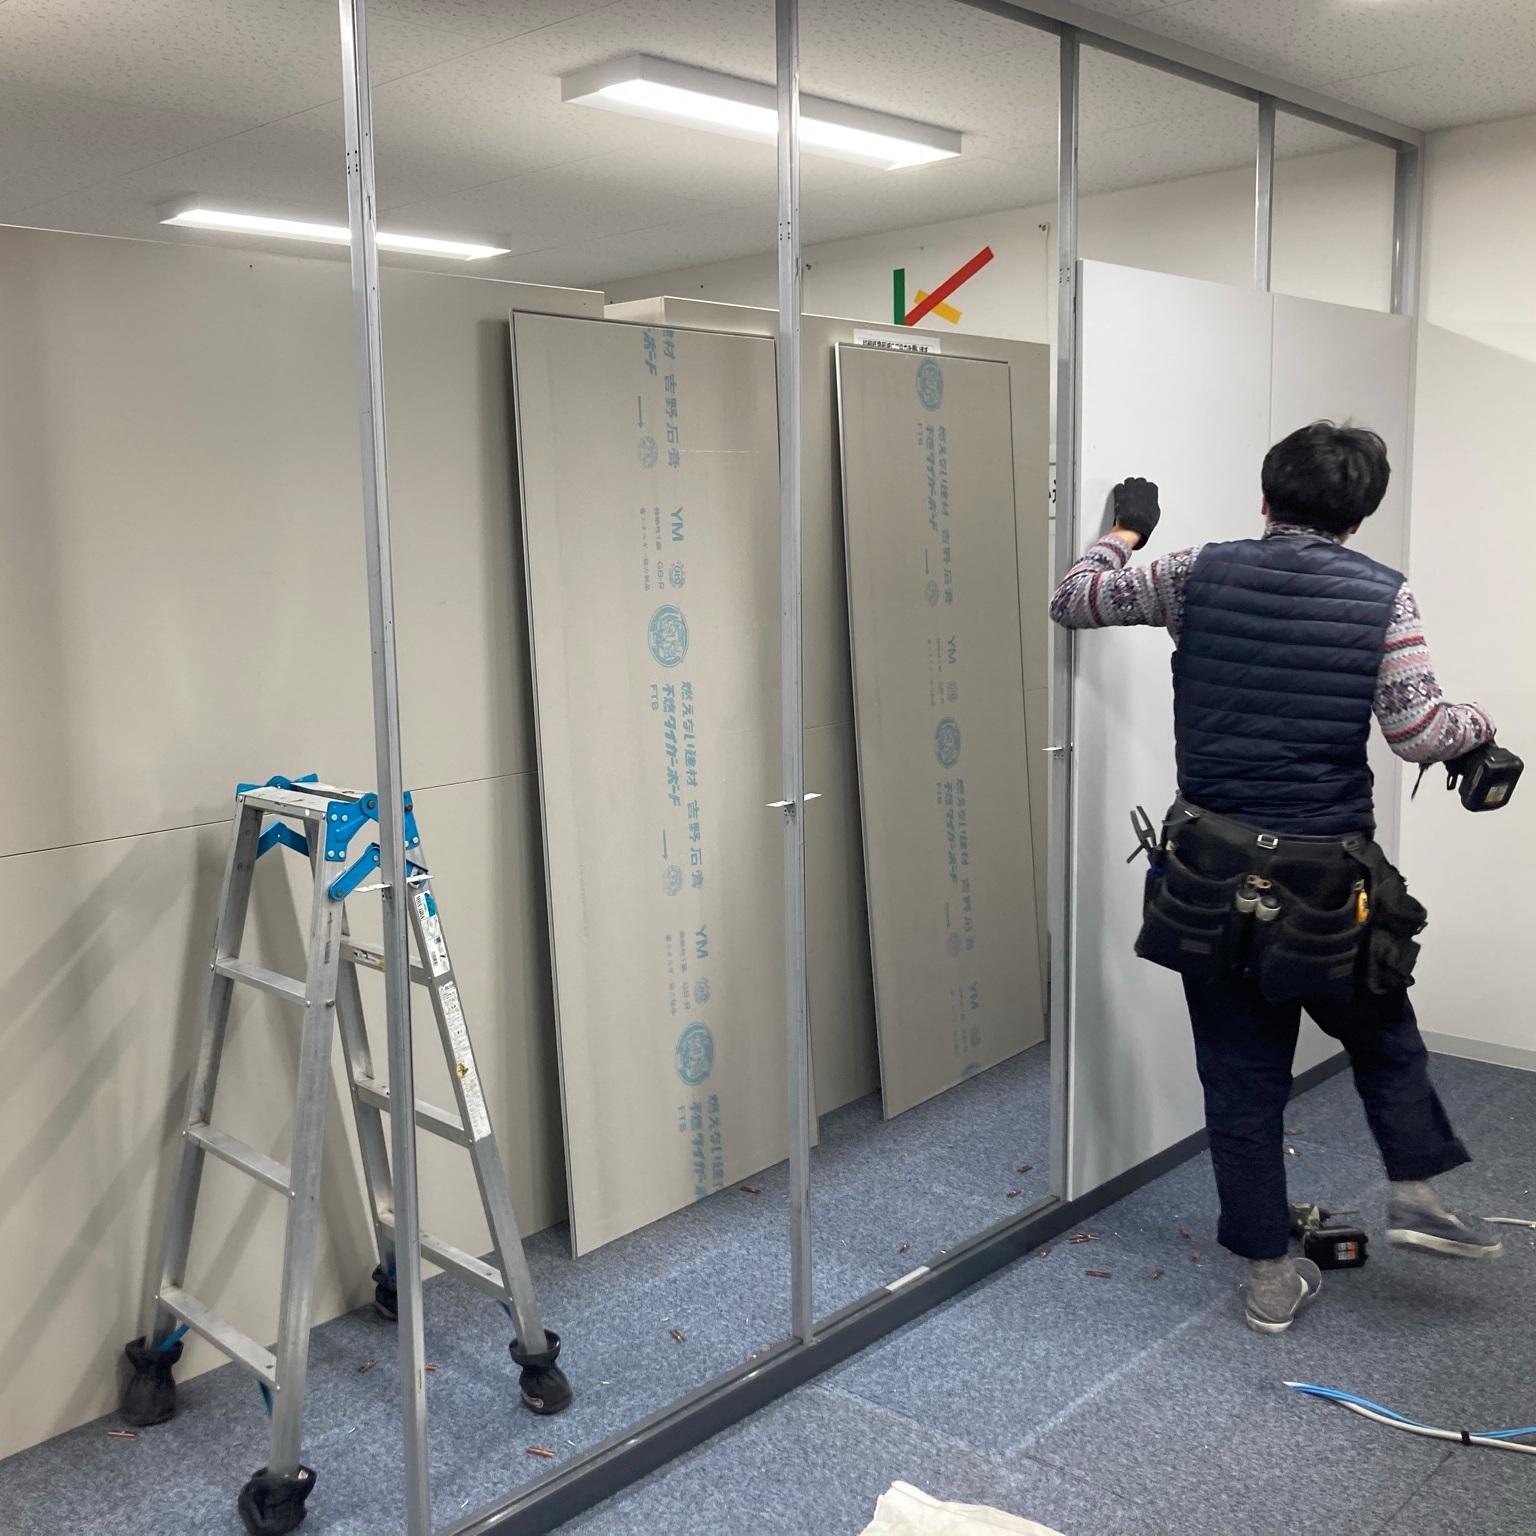 徳島・香川のオフィス内装工事|スチールパーテーション解体工事(コマニー)